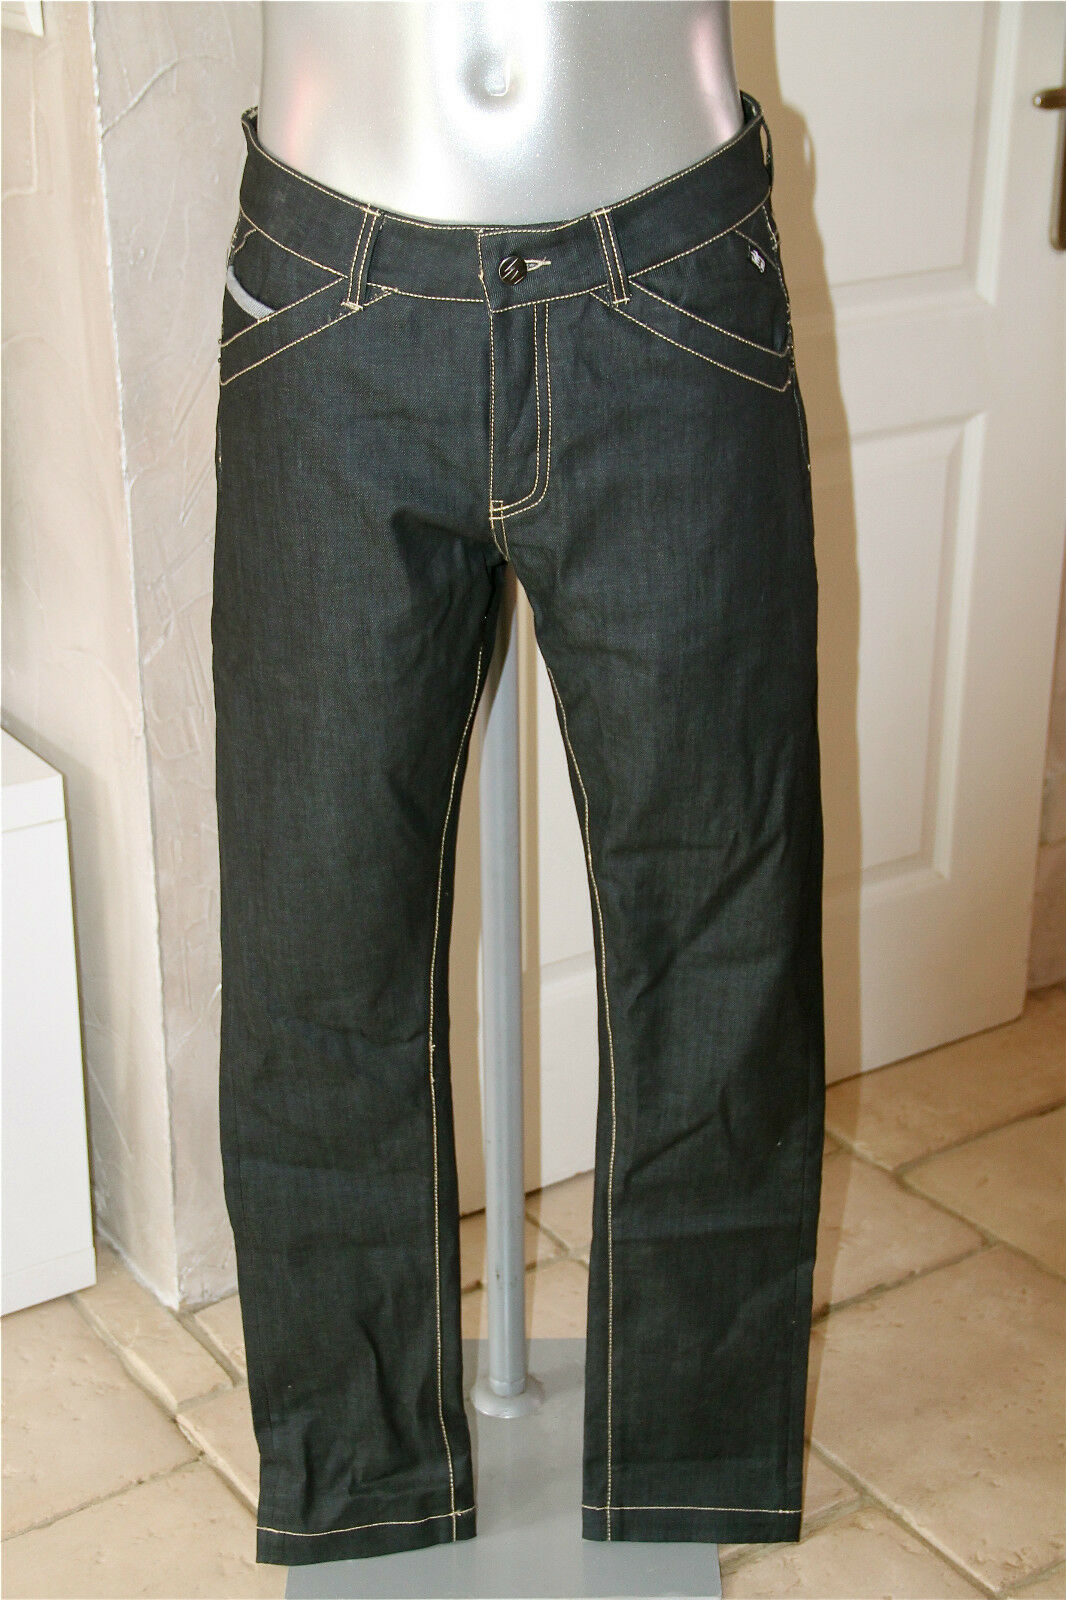 Jeans slim ciré homme KANABEACH trale T 42  NEUF ÉTIQUETTE valeur